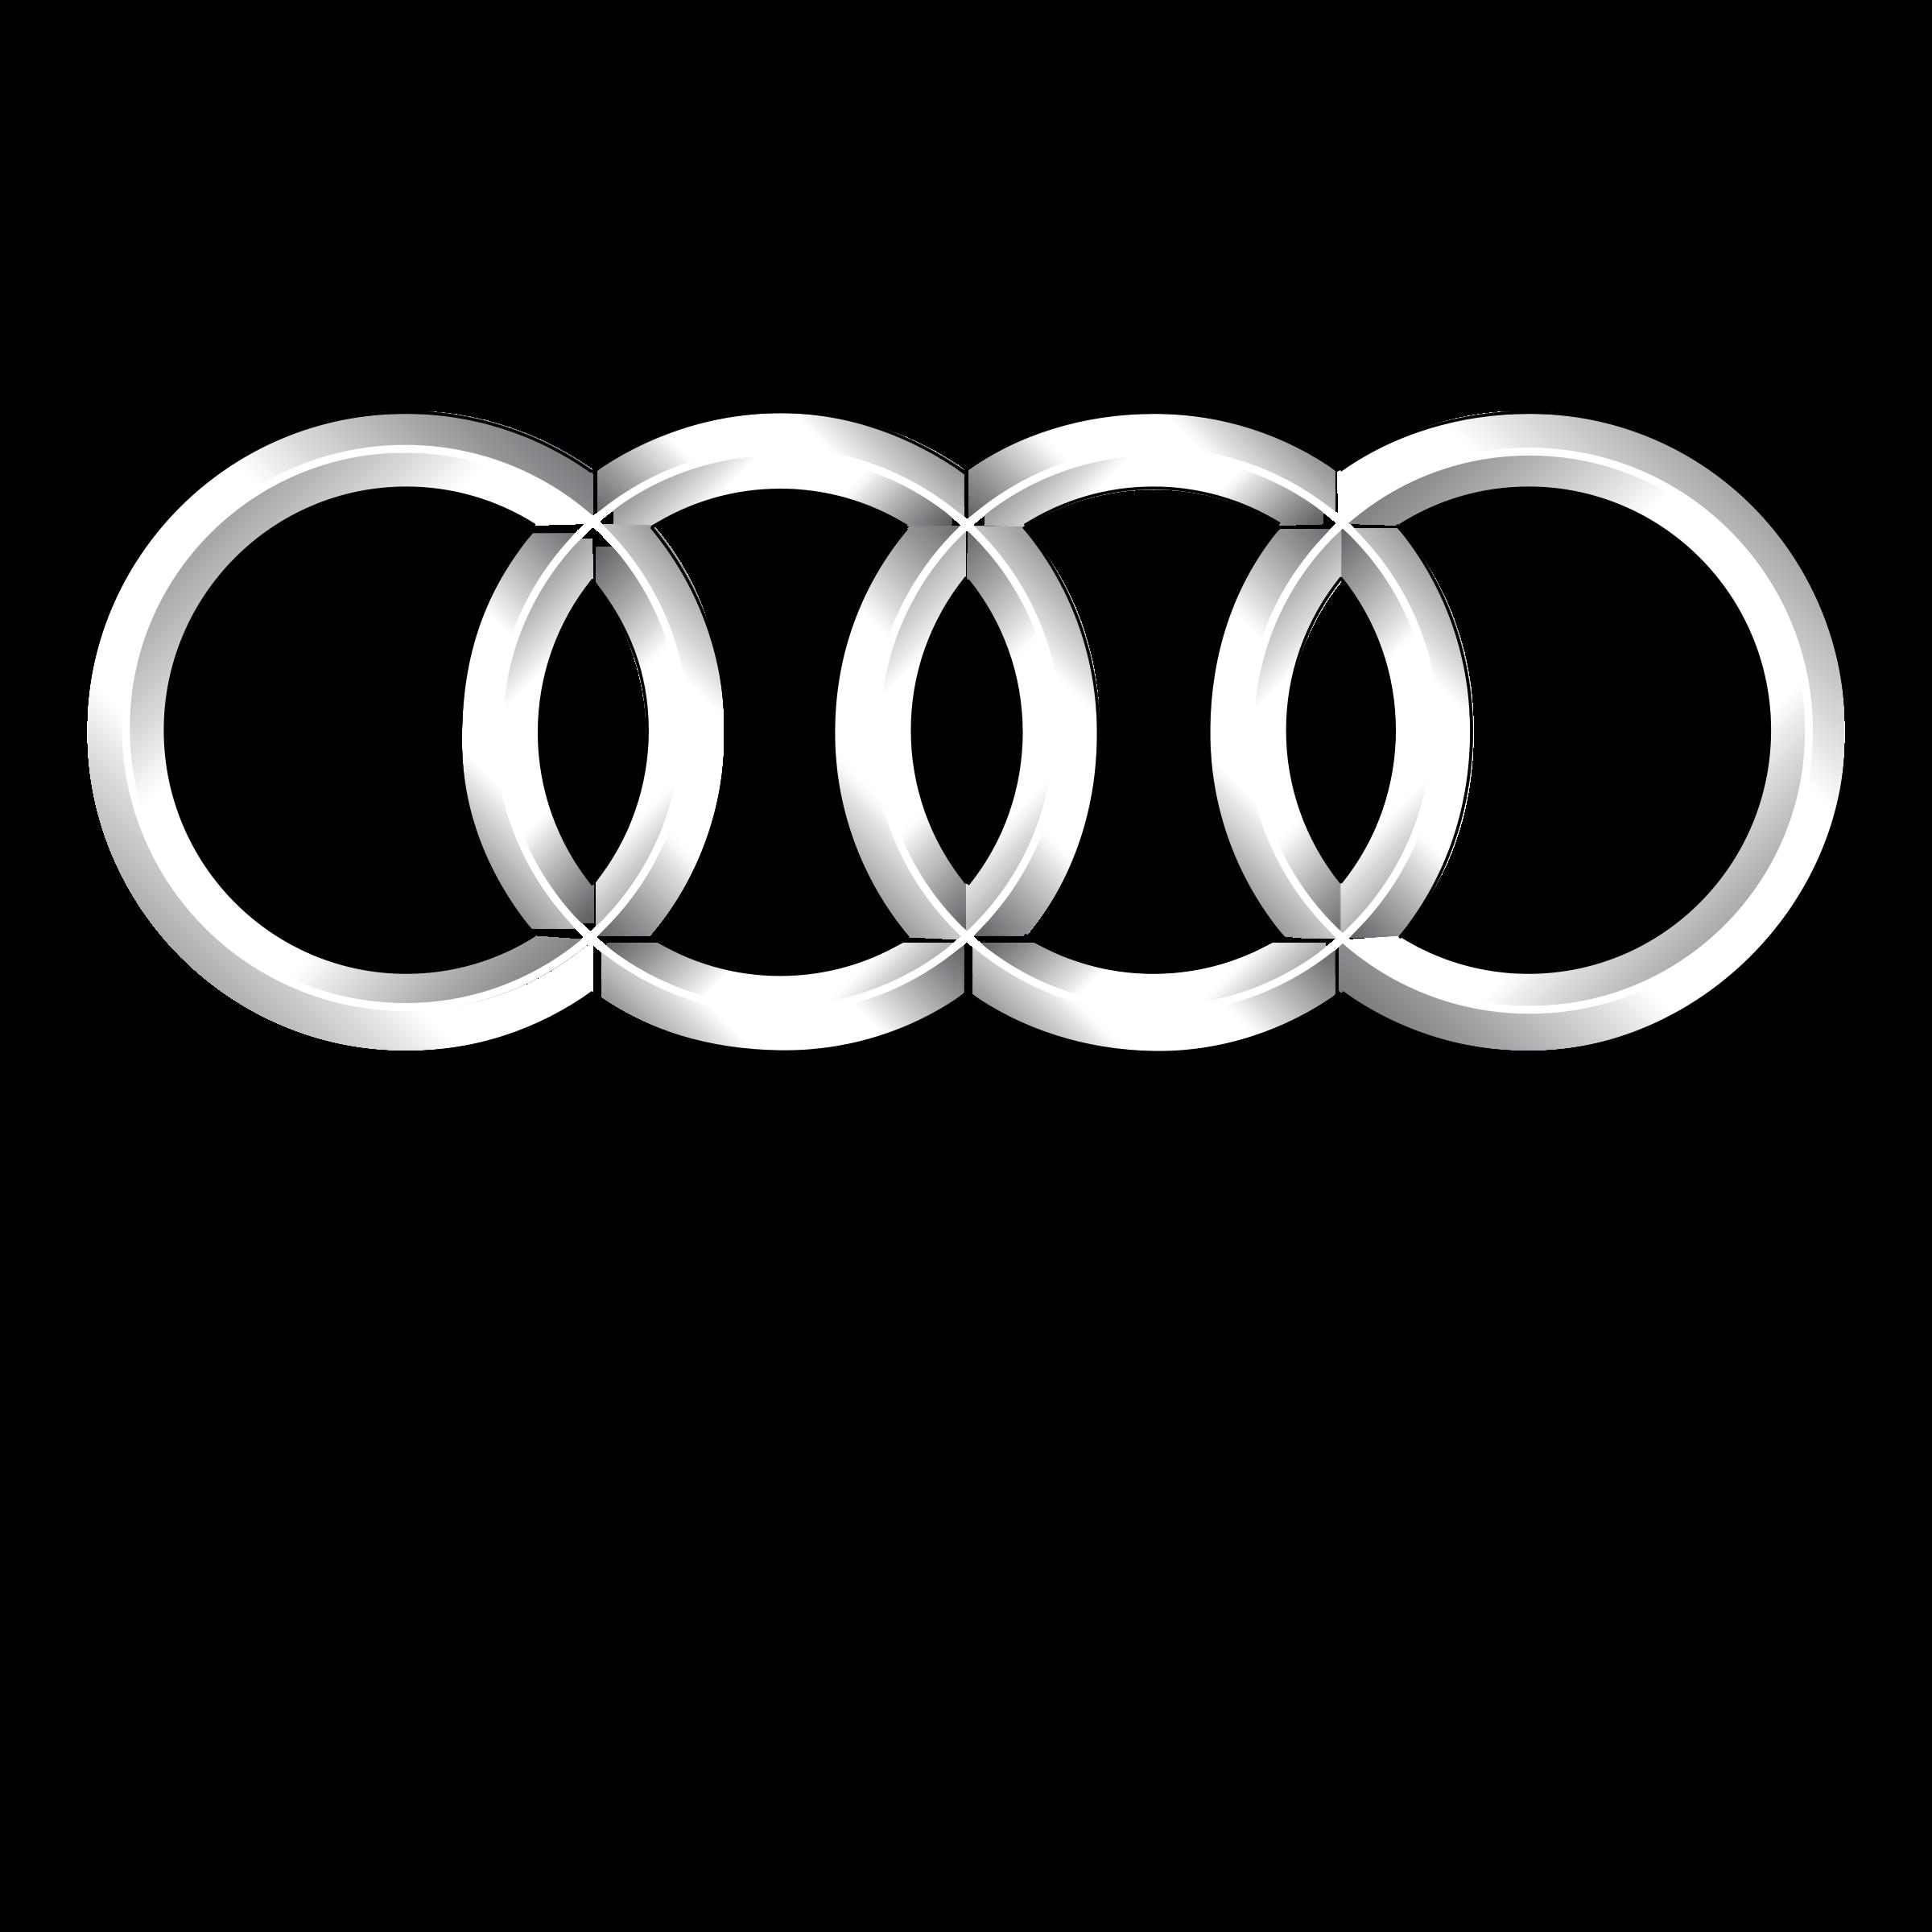 Audi Logo Png White In 2020 Audi Logo Car Logo Design Luxury Car Logos